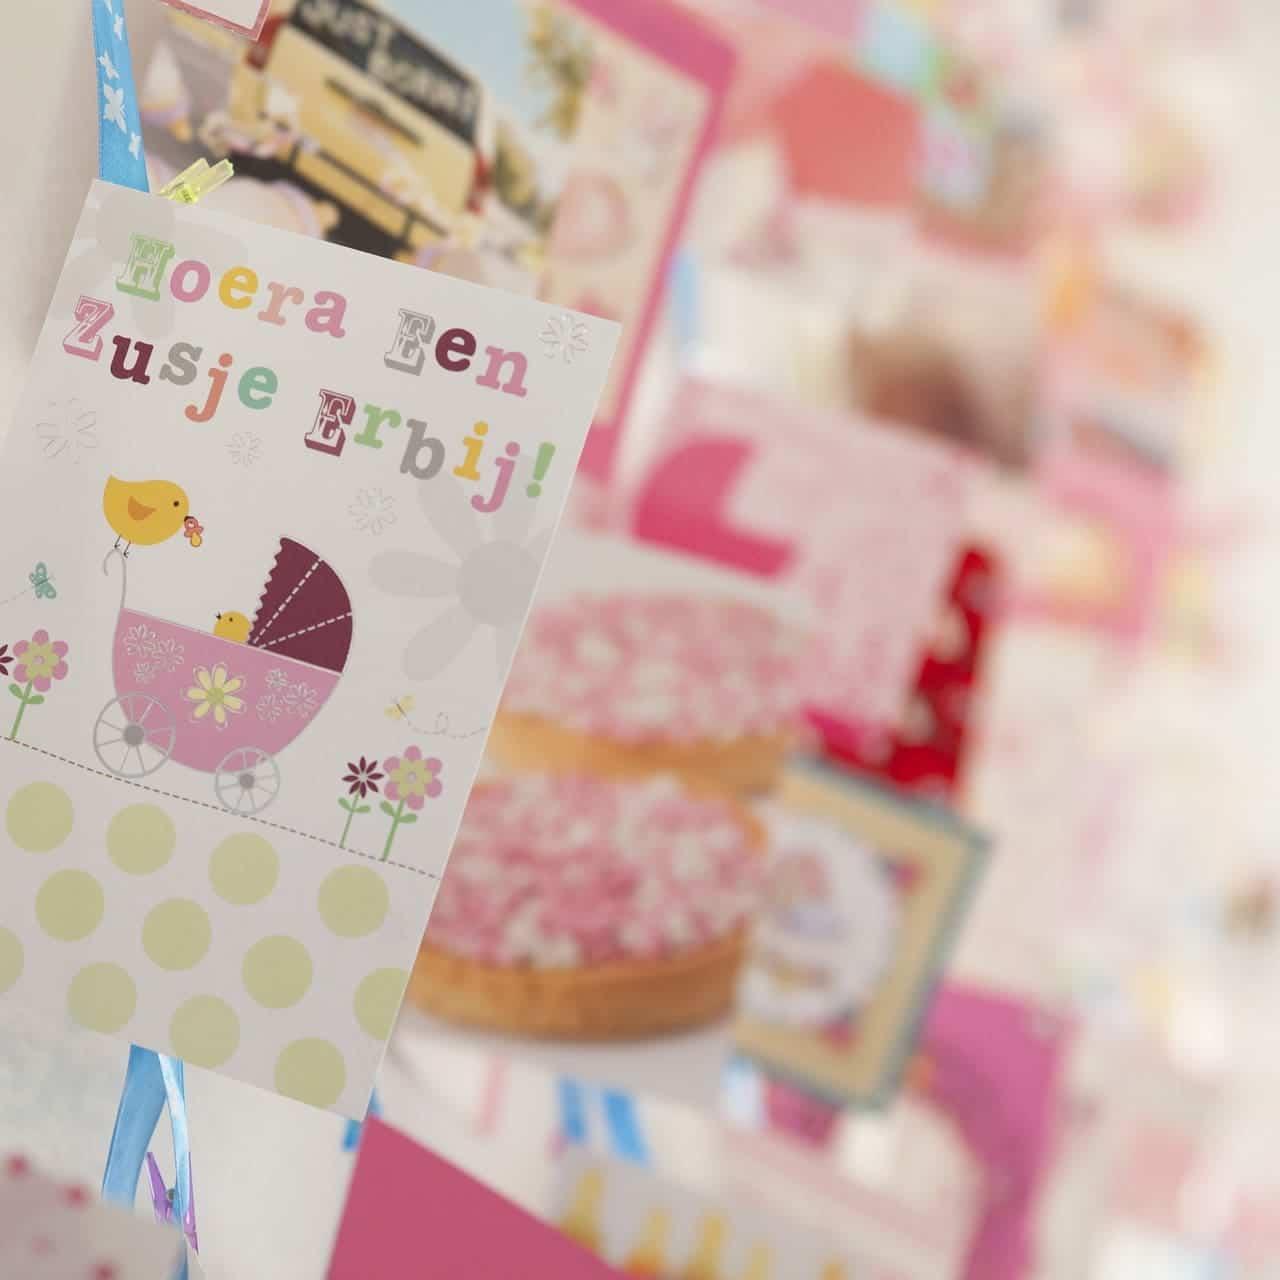 Babygeburtstagskarten designen